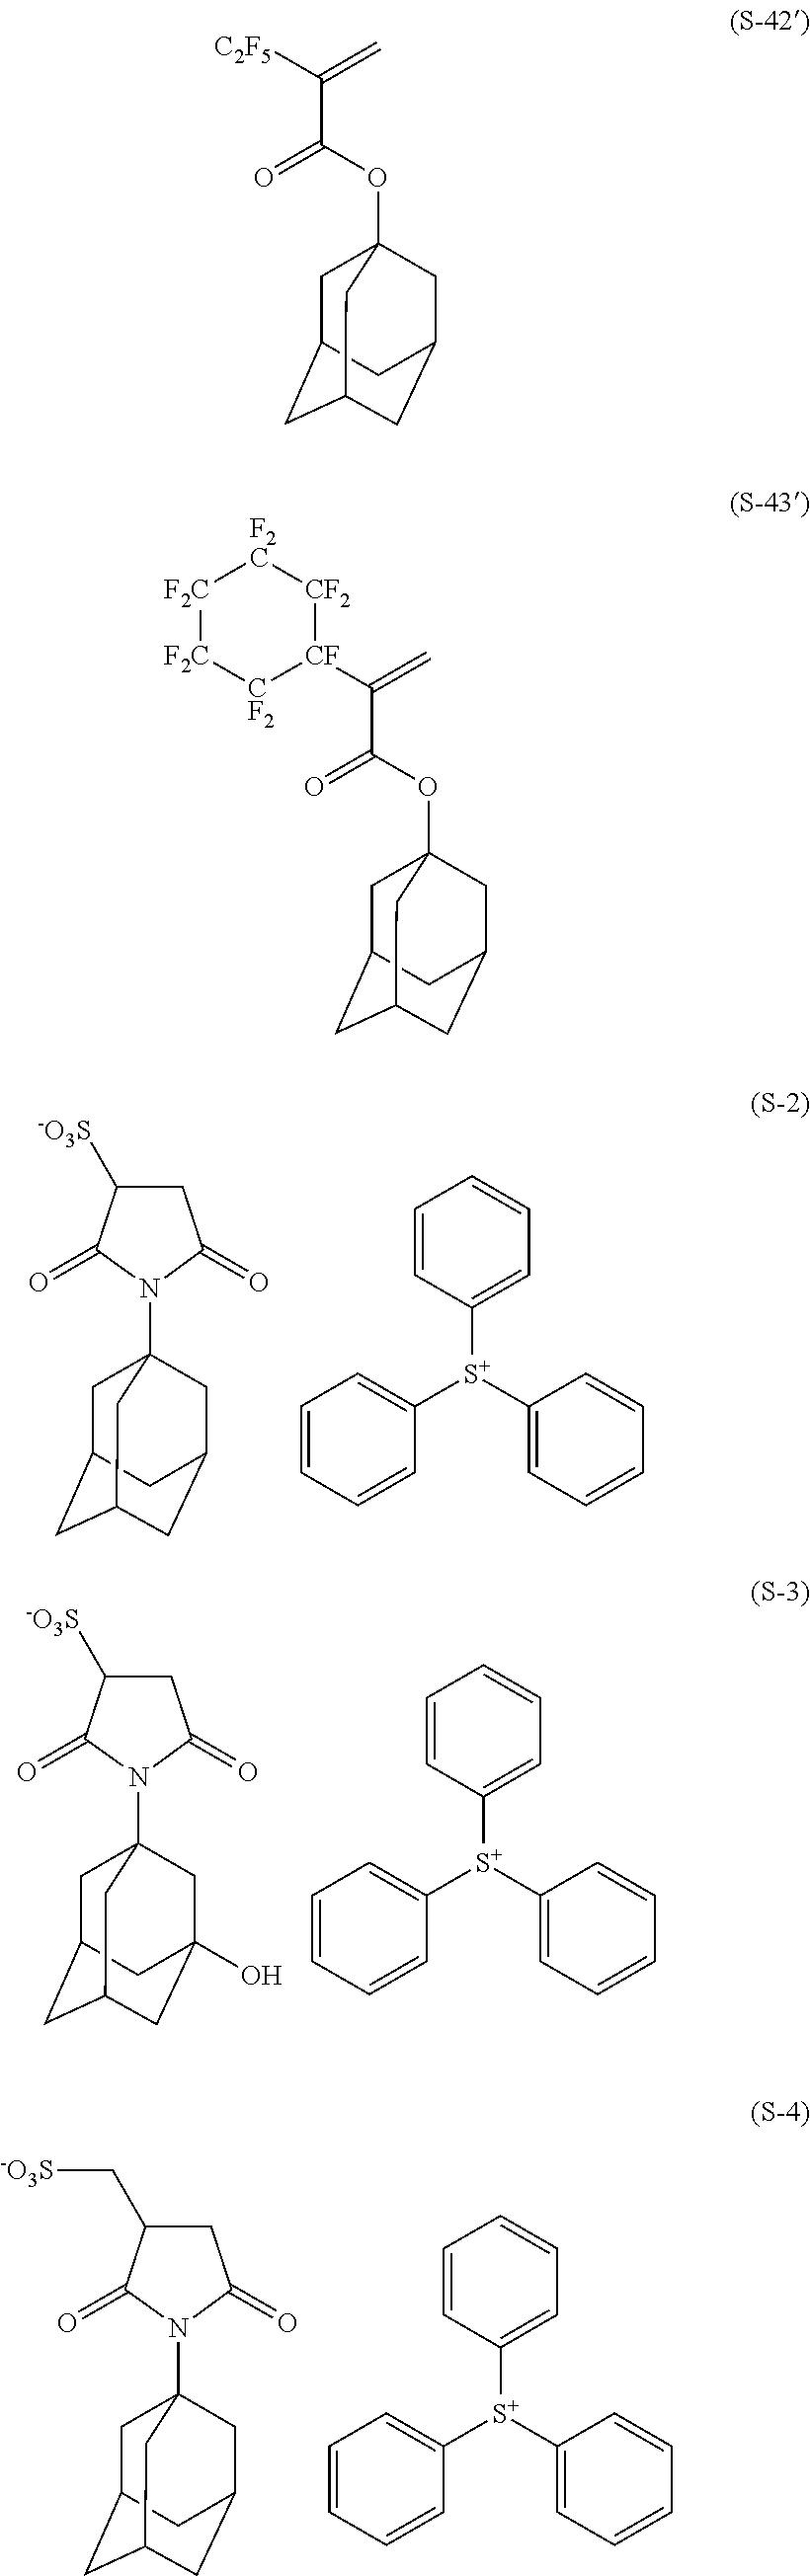 Figure US09477149-20161025-C00043